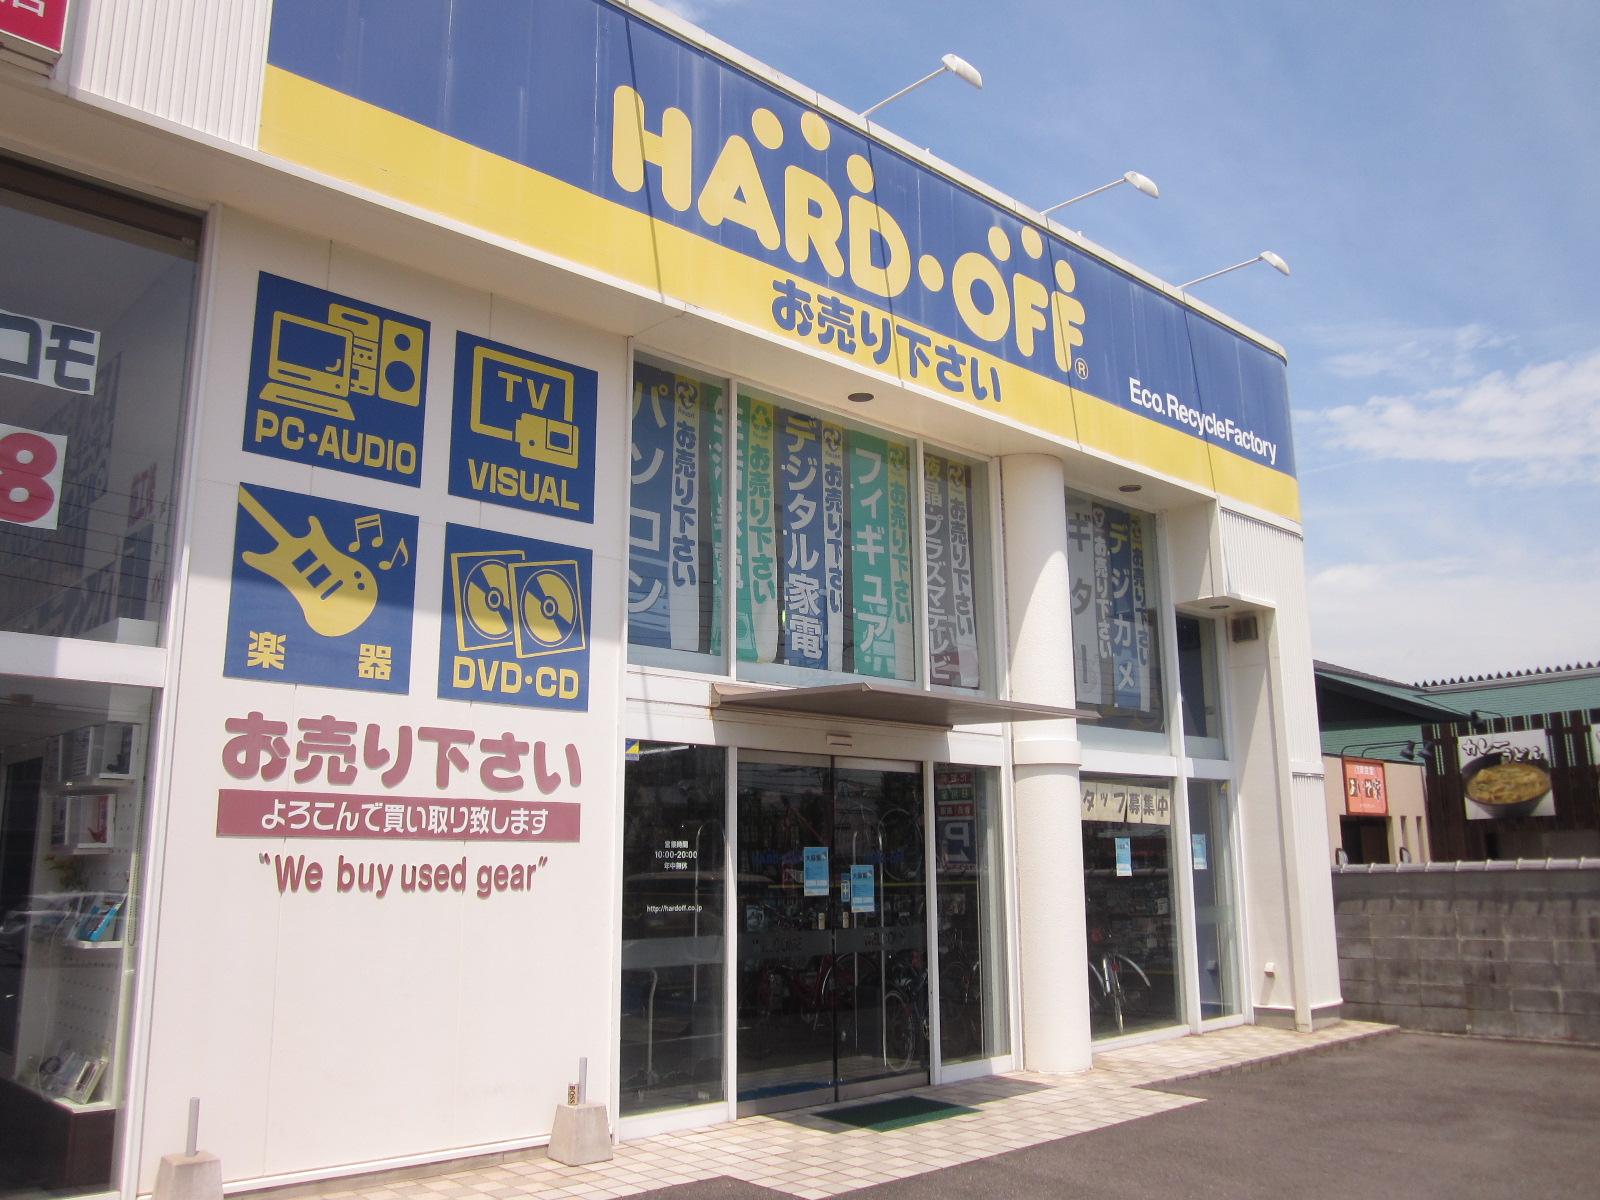 ハードオフ東浦店です